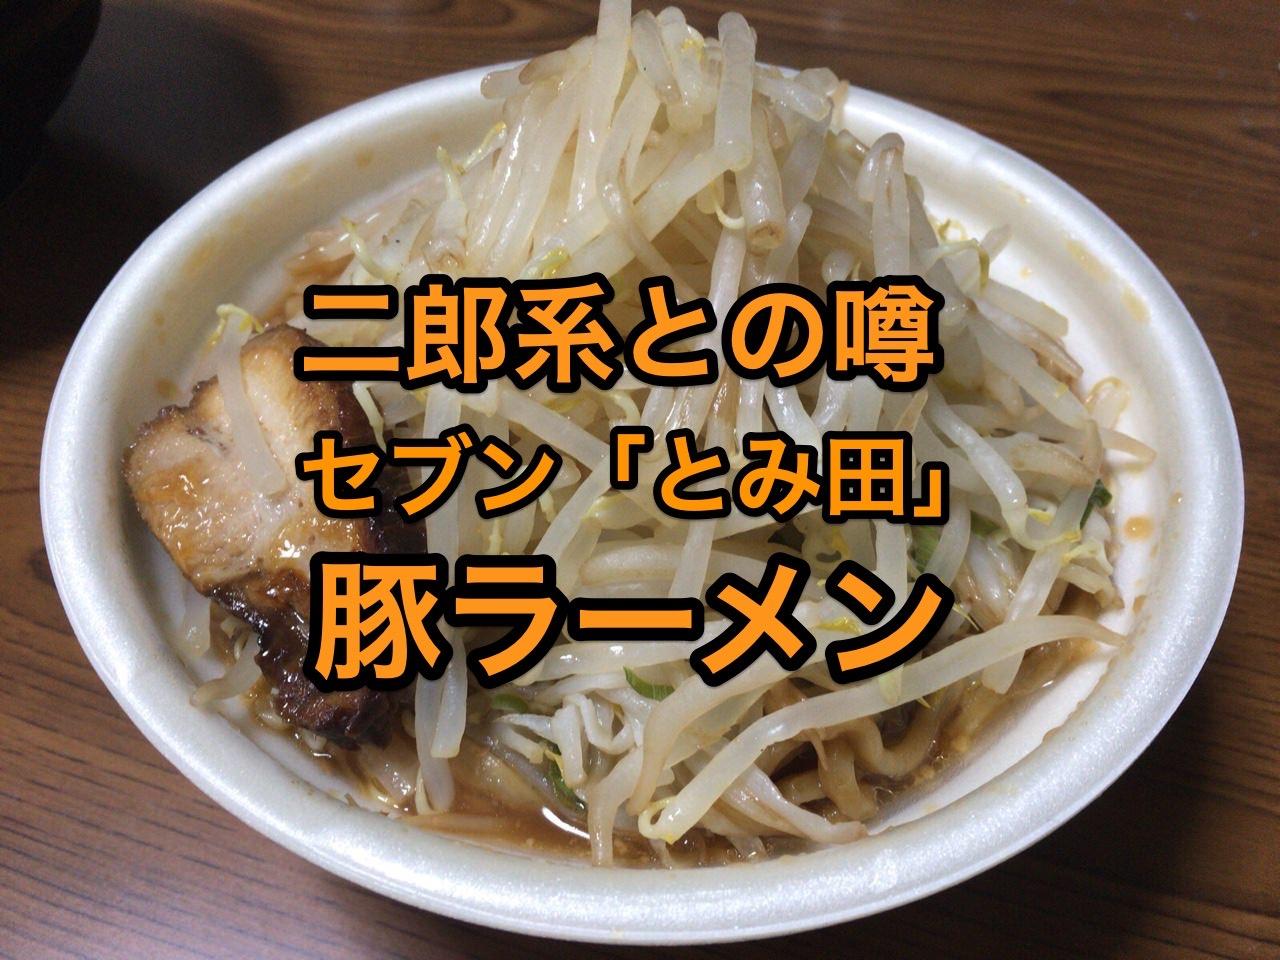 セブンイレブン 中華蕎麦 とみ田